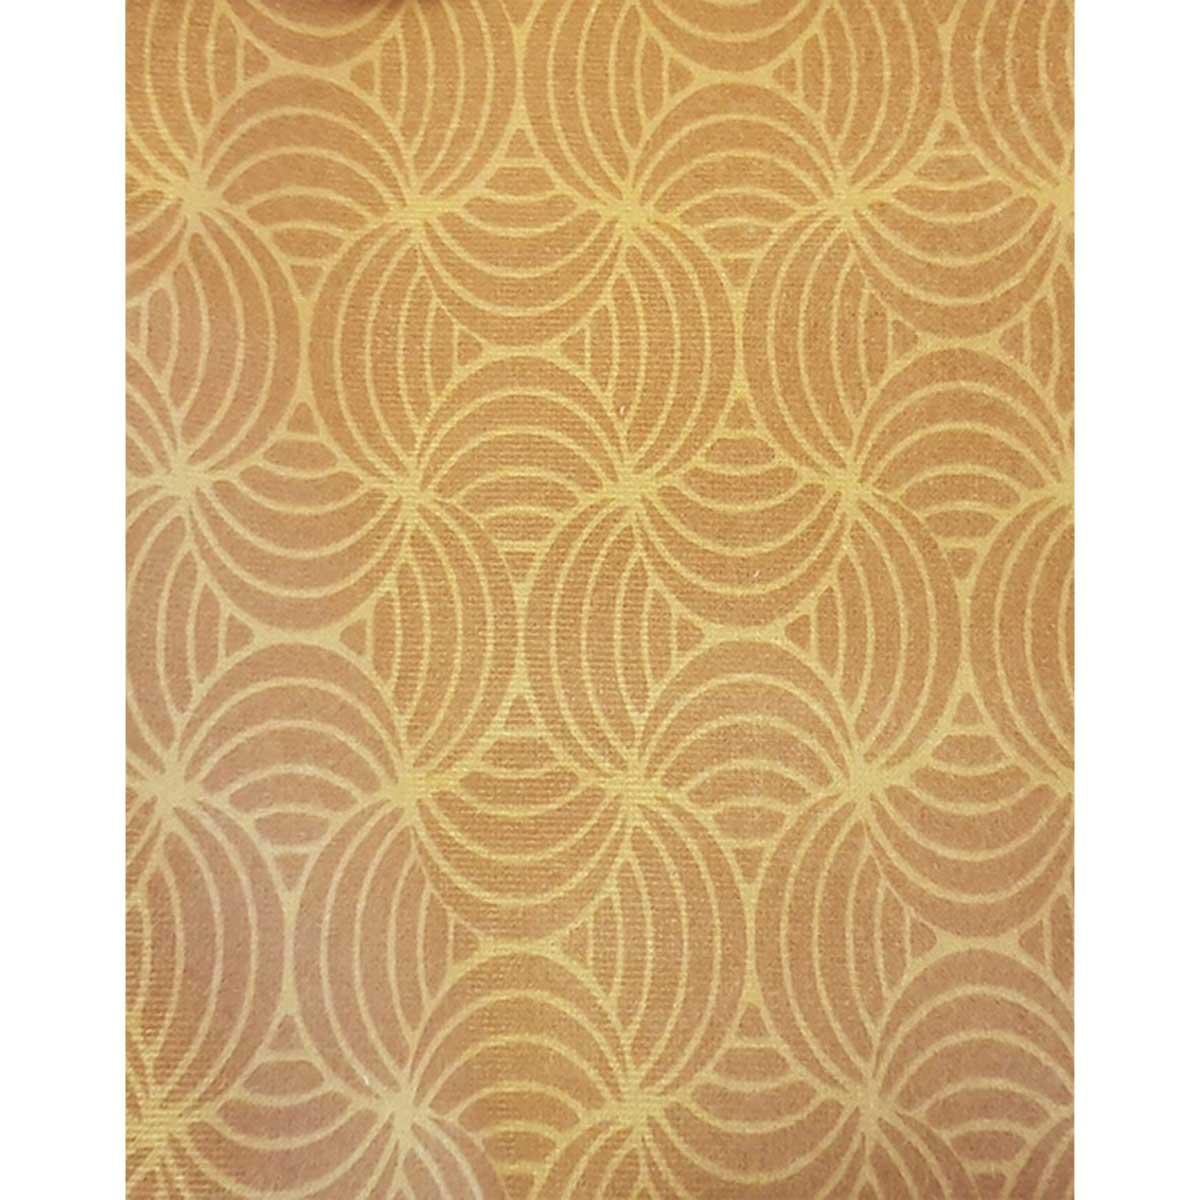 Tissu déperlant imprimé géométrique - Jaune - 1.55 m